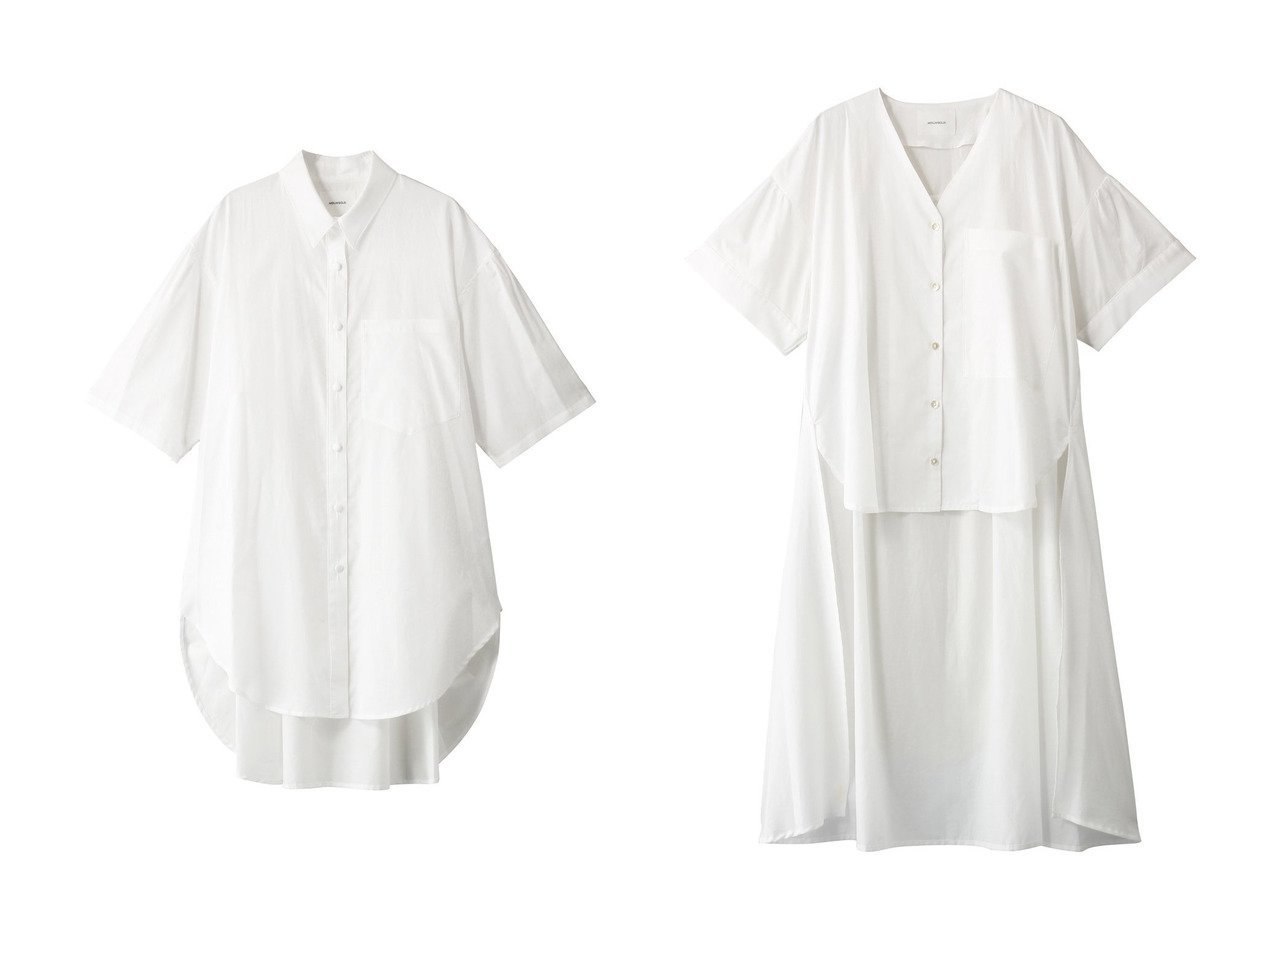 【MIDIUMISOLID/ミディウミソリッド】のシャツ&シャツ 【トップス・カットソー】おすすめ!人気、トレンド・レディースファッションの通販 おすすめで人気の流行・トレンド、ファッションの通販商品 インテリア・家具・メンズファッション・キッズファッション・レディースファッション・服の通販 founy(ファニー) https://founy.com/ ファッション Fashion レディースファッション WOMEN トップス・カットソー Tops/Tshirt シャツ/ブラウス Shirts/Blouses ショート シンプル スリーブ フェミニン 半袖 |ID:crp329100000049488